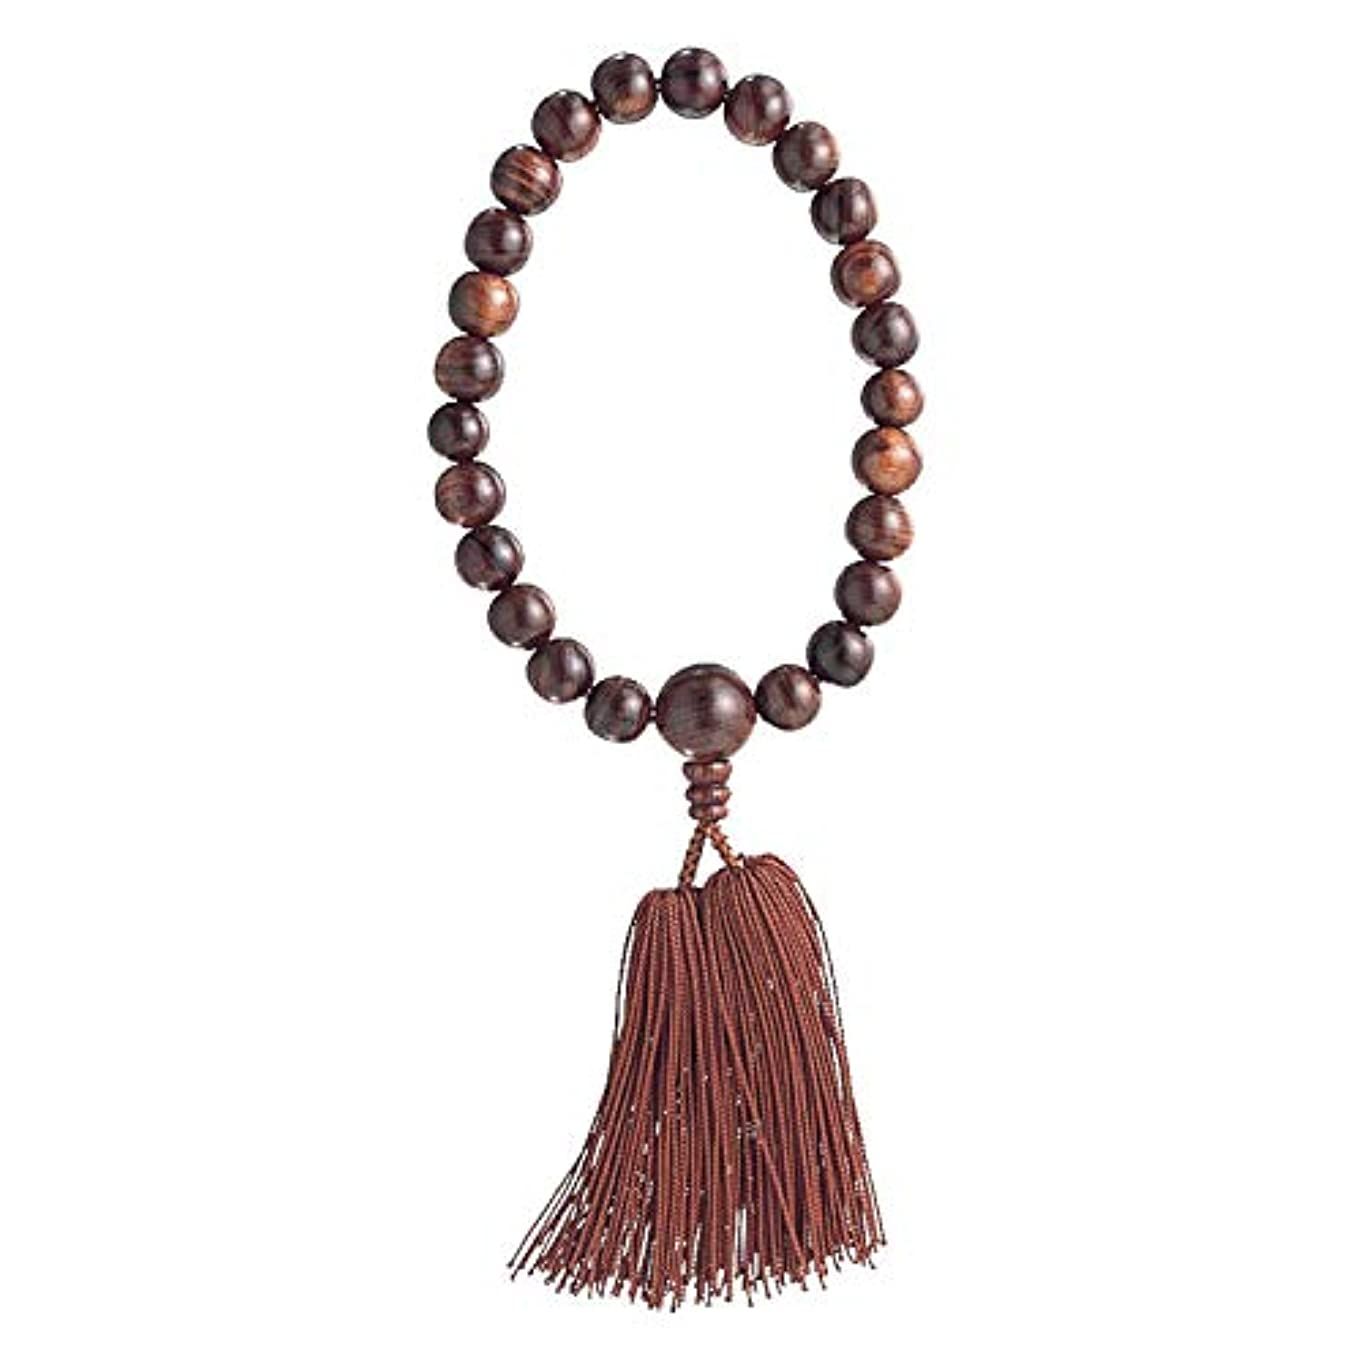 ディスクに変わる初期の念珠紳士用 栴檀